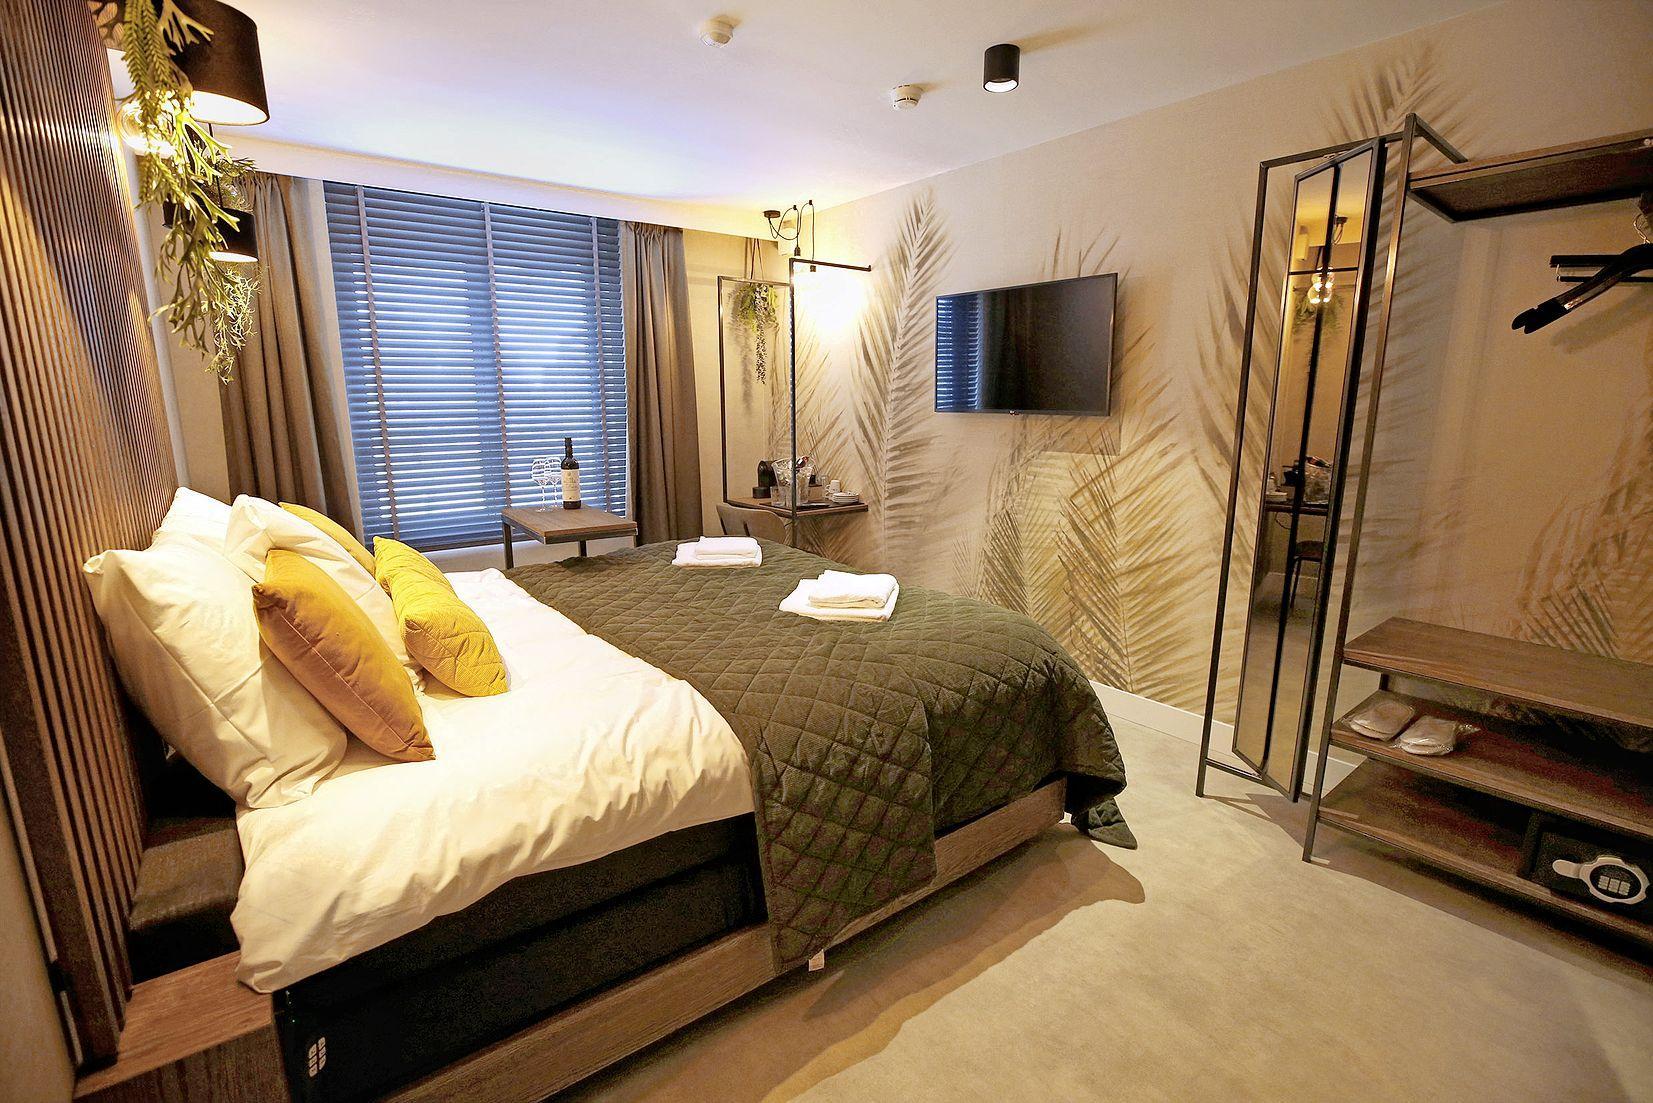 Een nachtje in een leeg hotel voor een inkijkje in het SoHotel in Schagen, dat naar verwachting volgende week opengaat